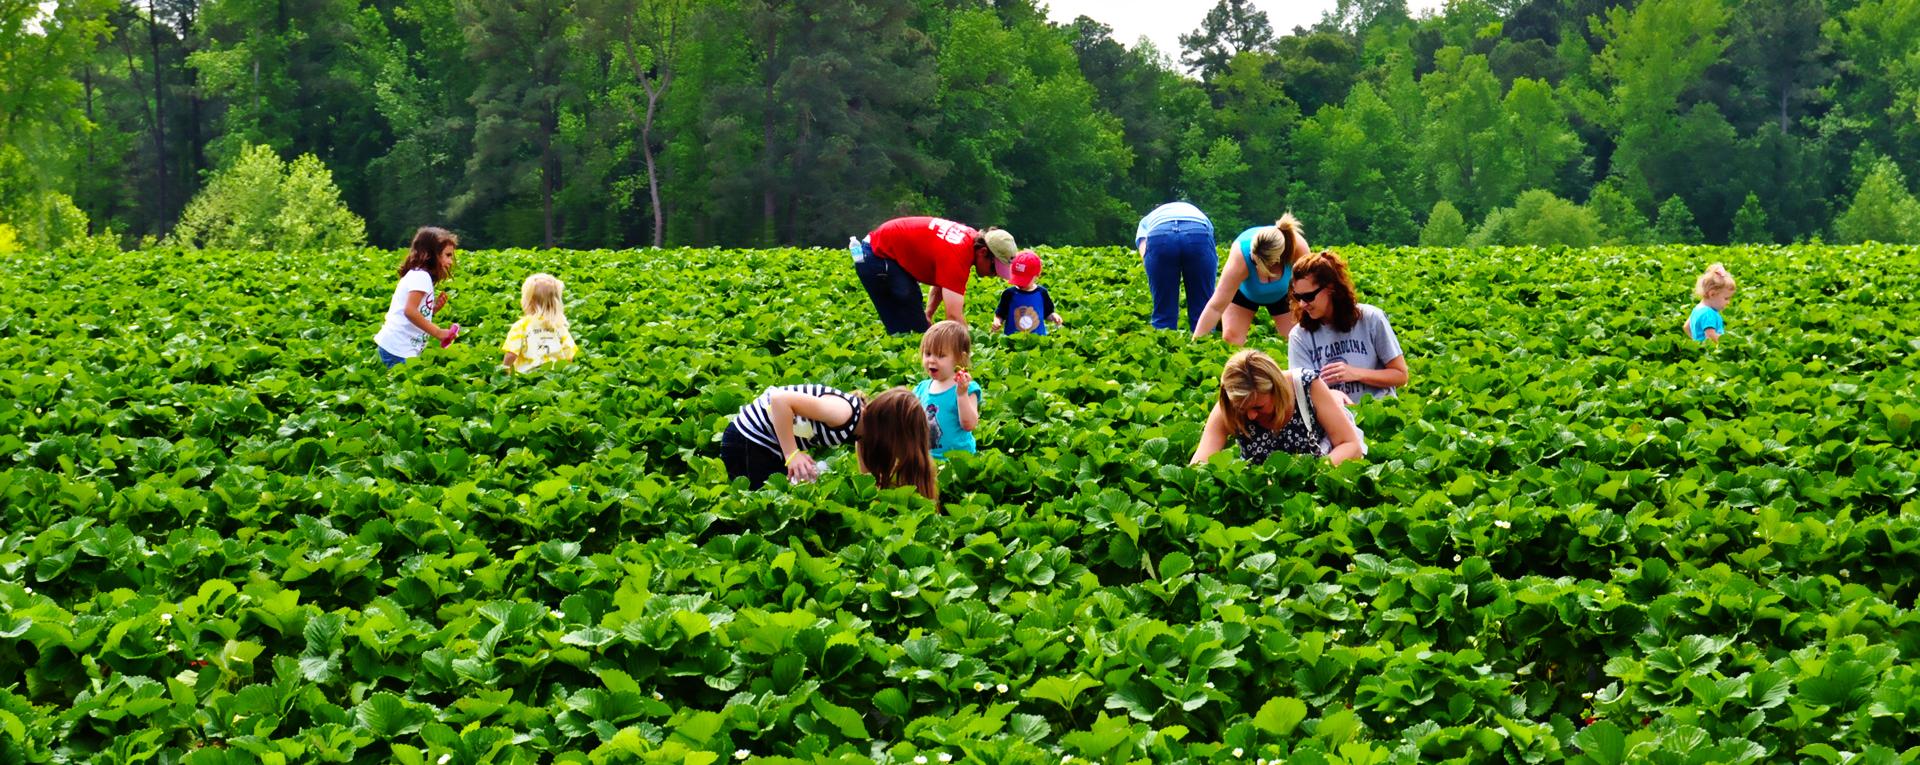 20 Most Profitable Small Farm Ideas in 2019